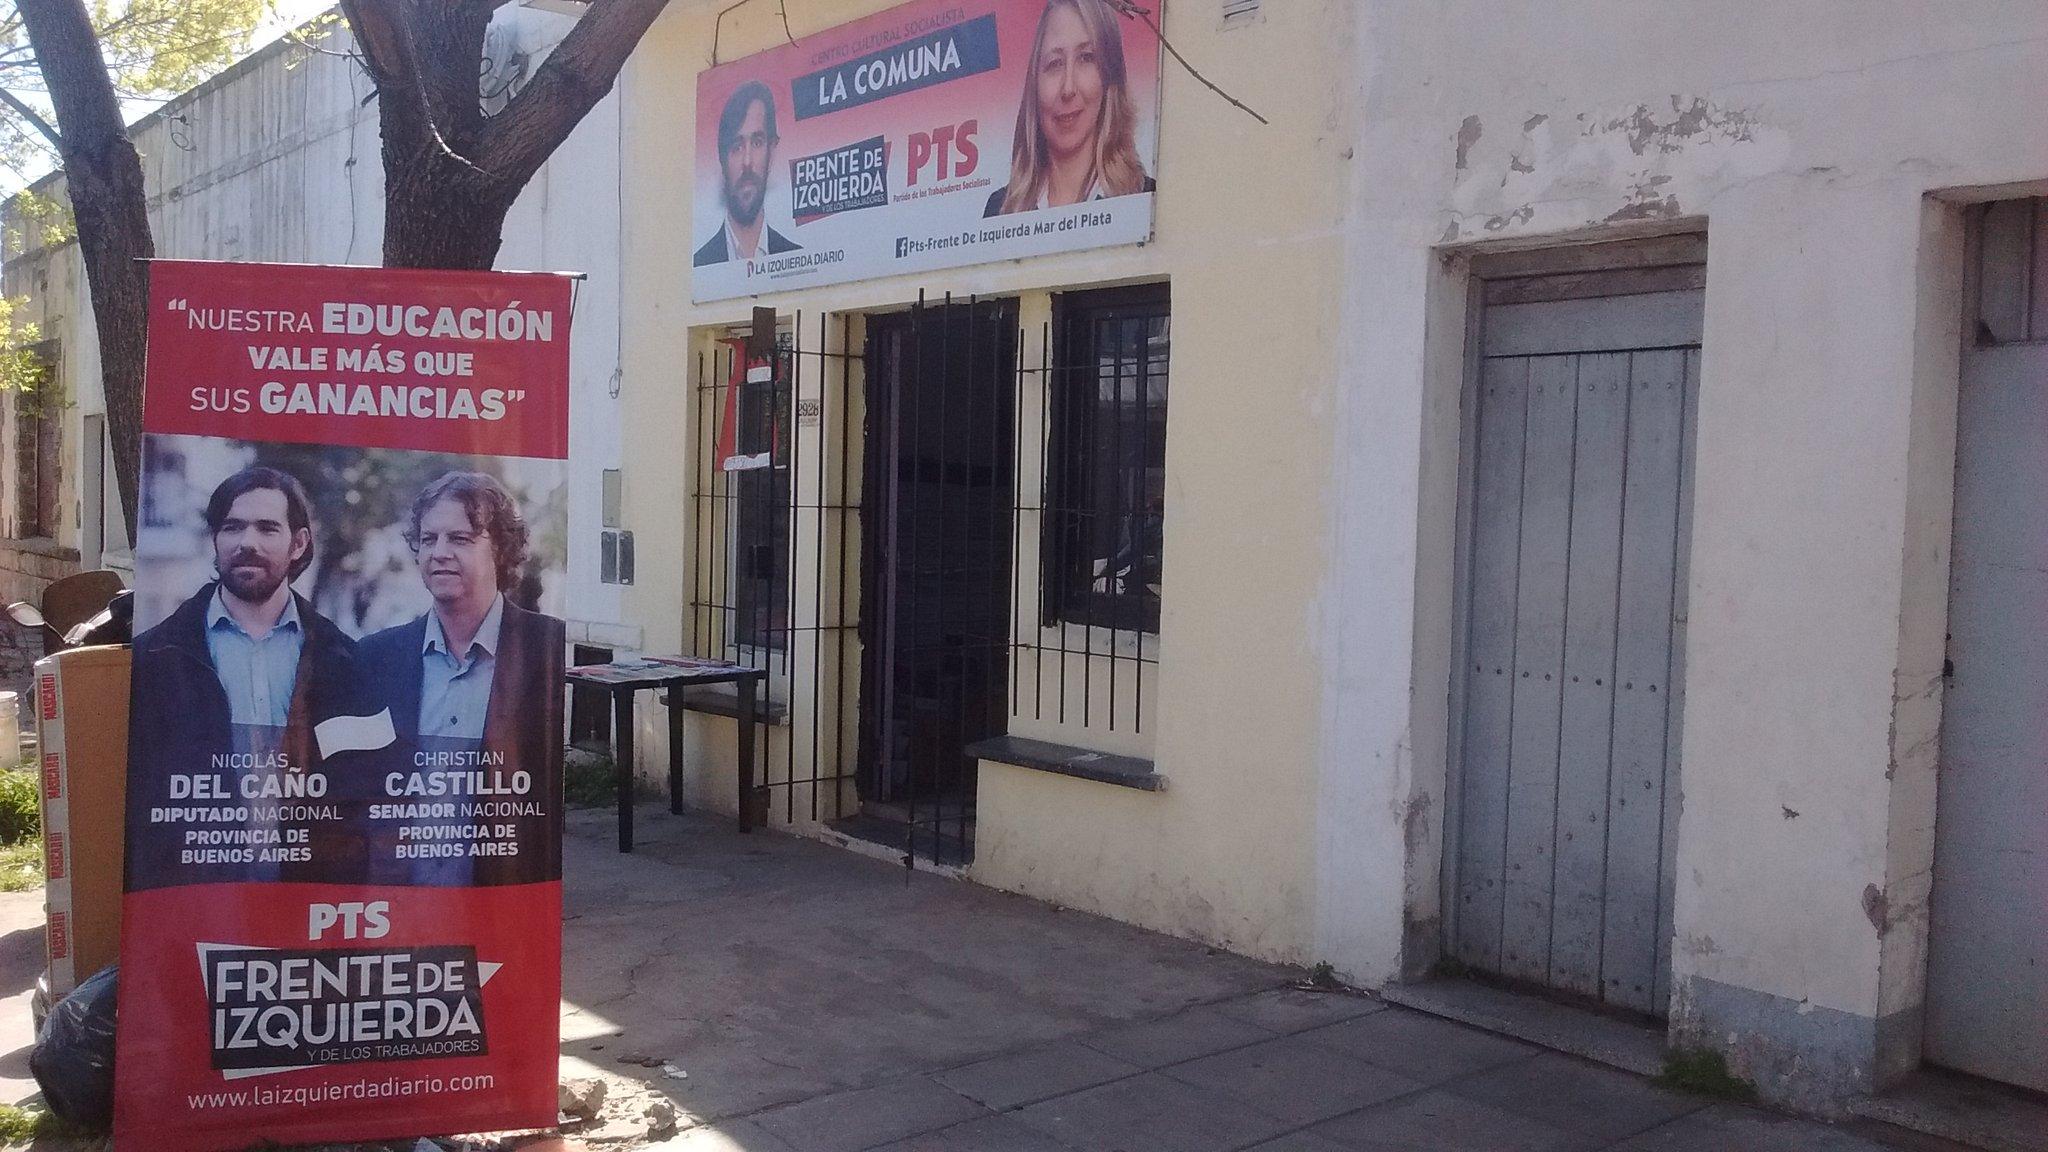 #MardelPlata ya podes buscar las boletas del @Fte_Izquierda en Jujuy 2928 #LaIzquierdaTieneQueEstar https://t.co/pj91pkdih8